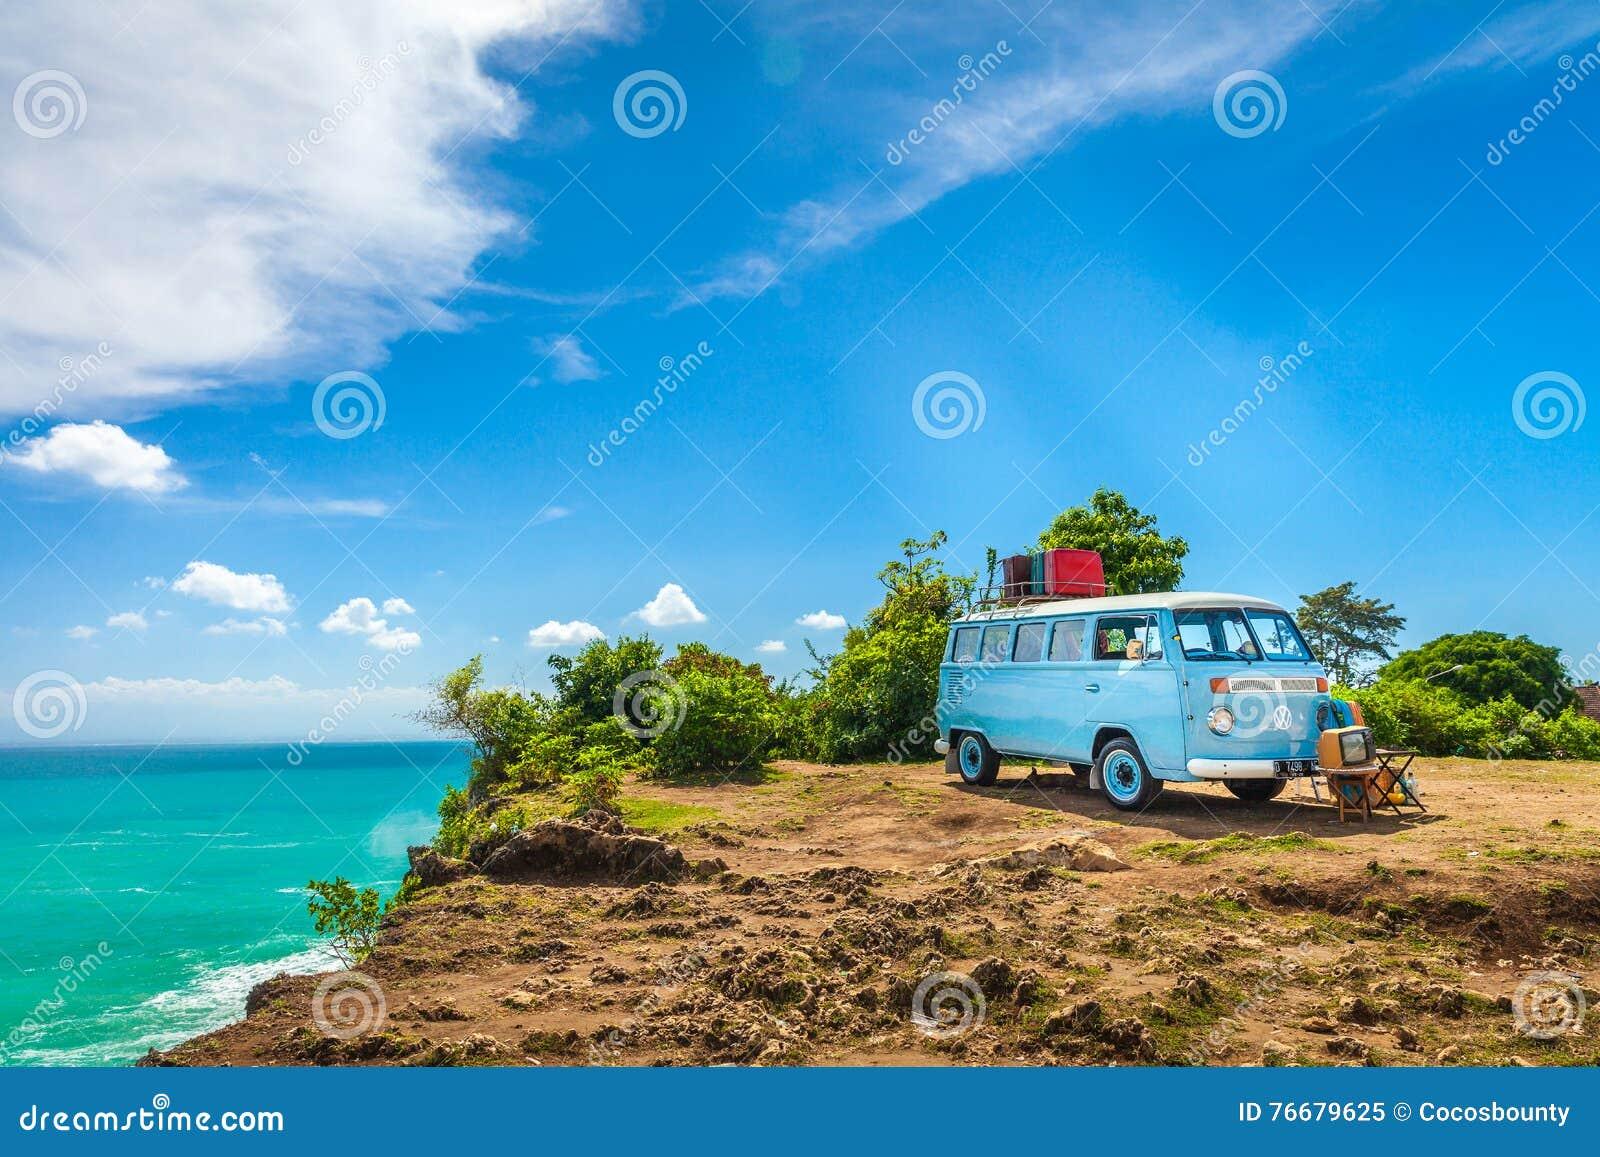 Volkswagen Time Travel